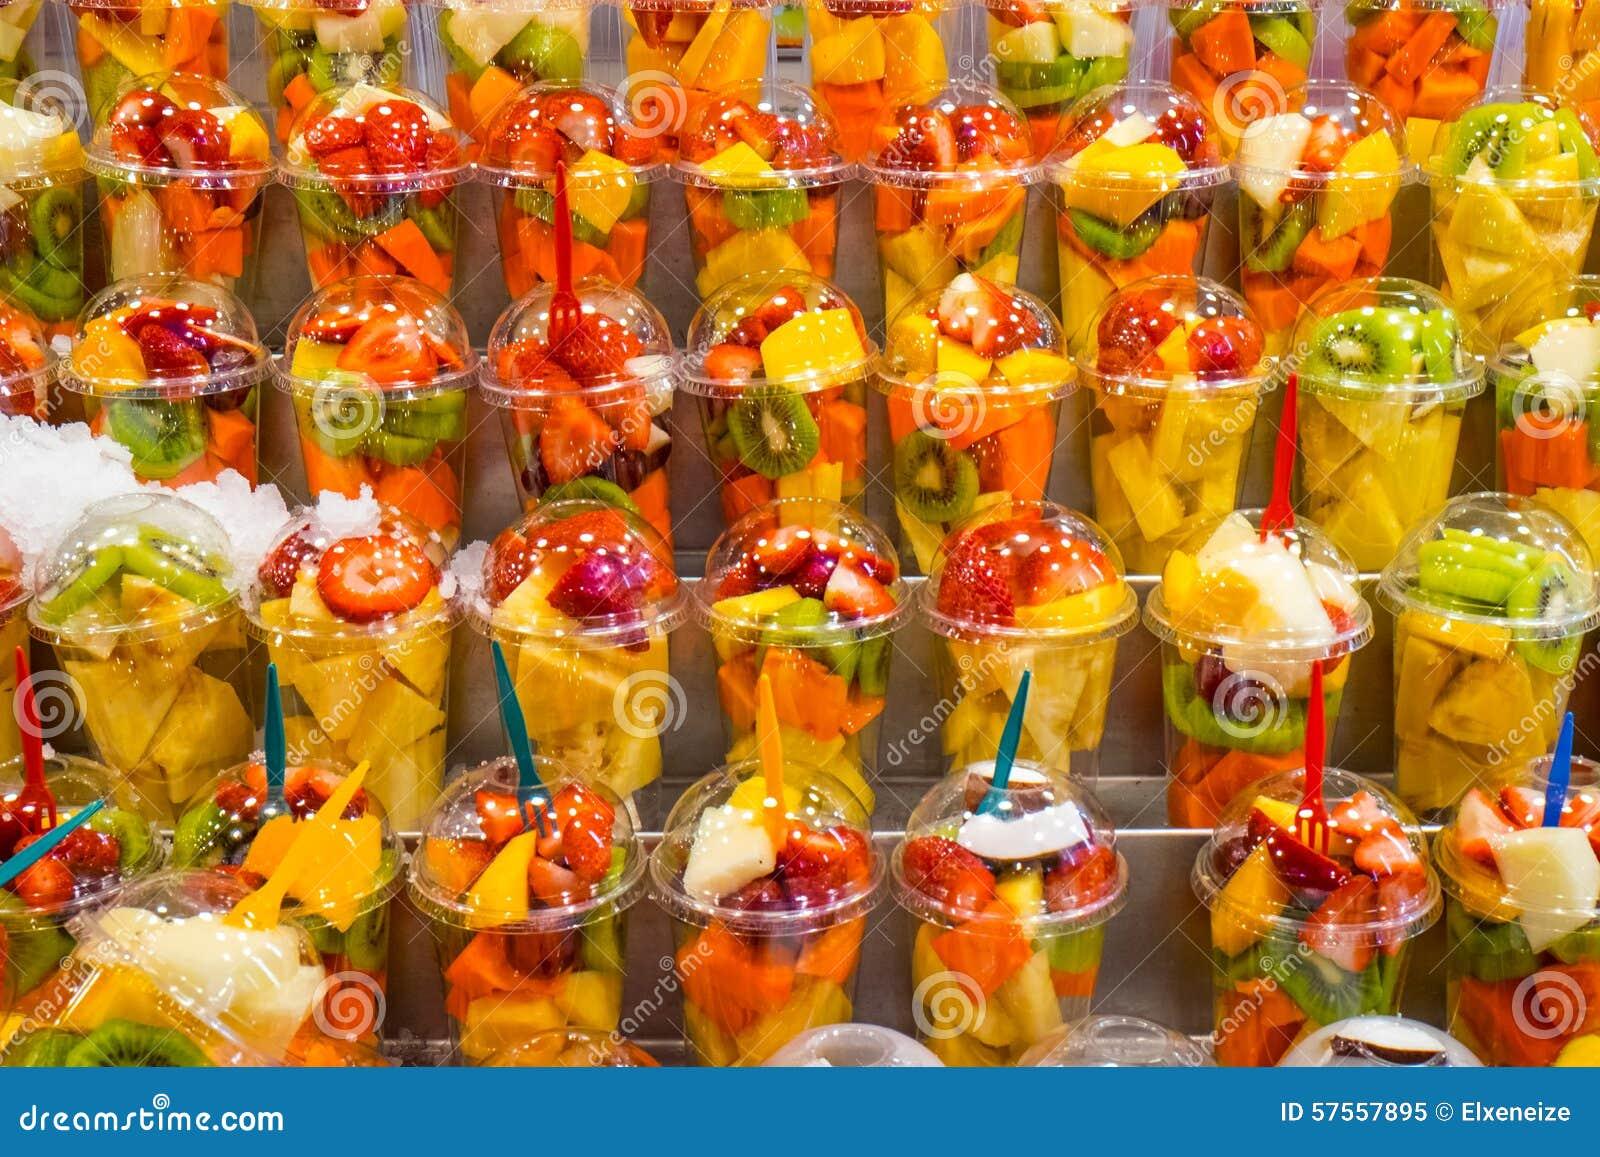 La vendedora de frutas maacutes rica del mundo ver video completo aqui httplopoteamcom3fnr - 2 10